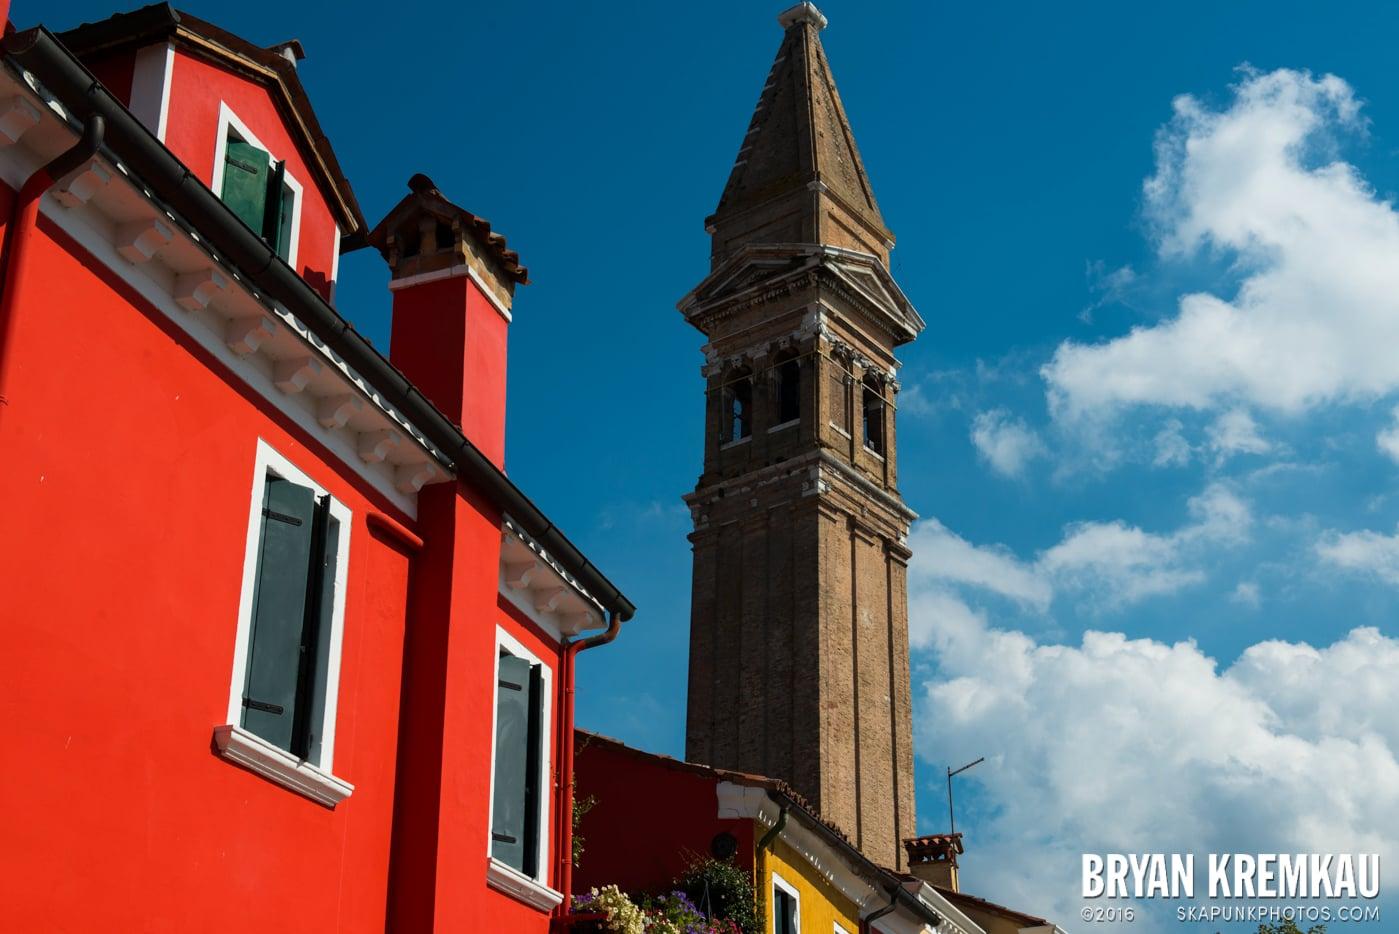 Italy Vacation - Day 6: Murano, Burano, Venice - 9.14.13 (37)